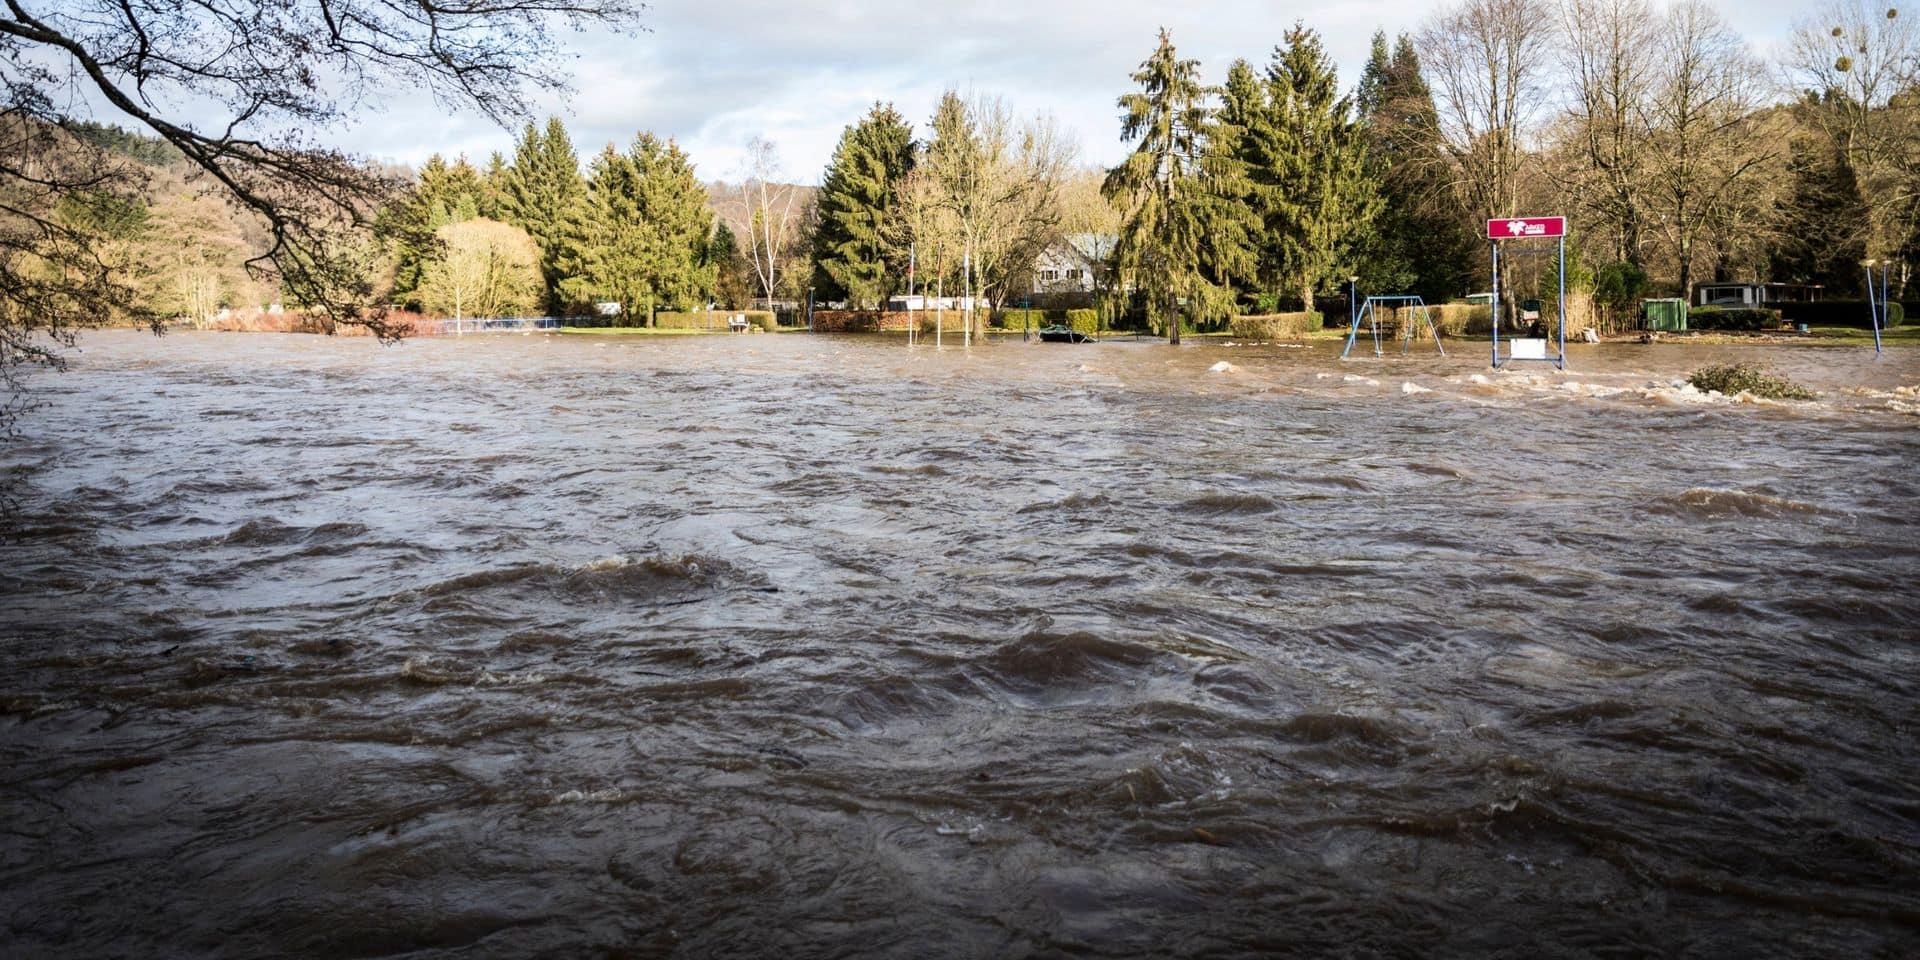 Une incivilité provoque des inondations à Tihange